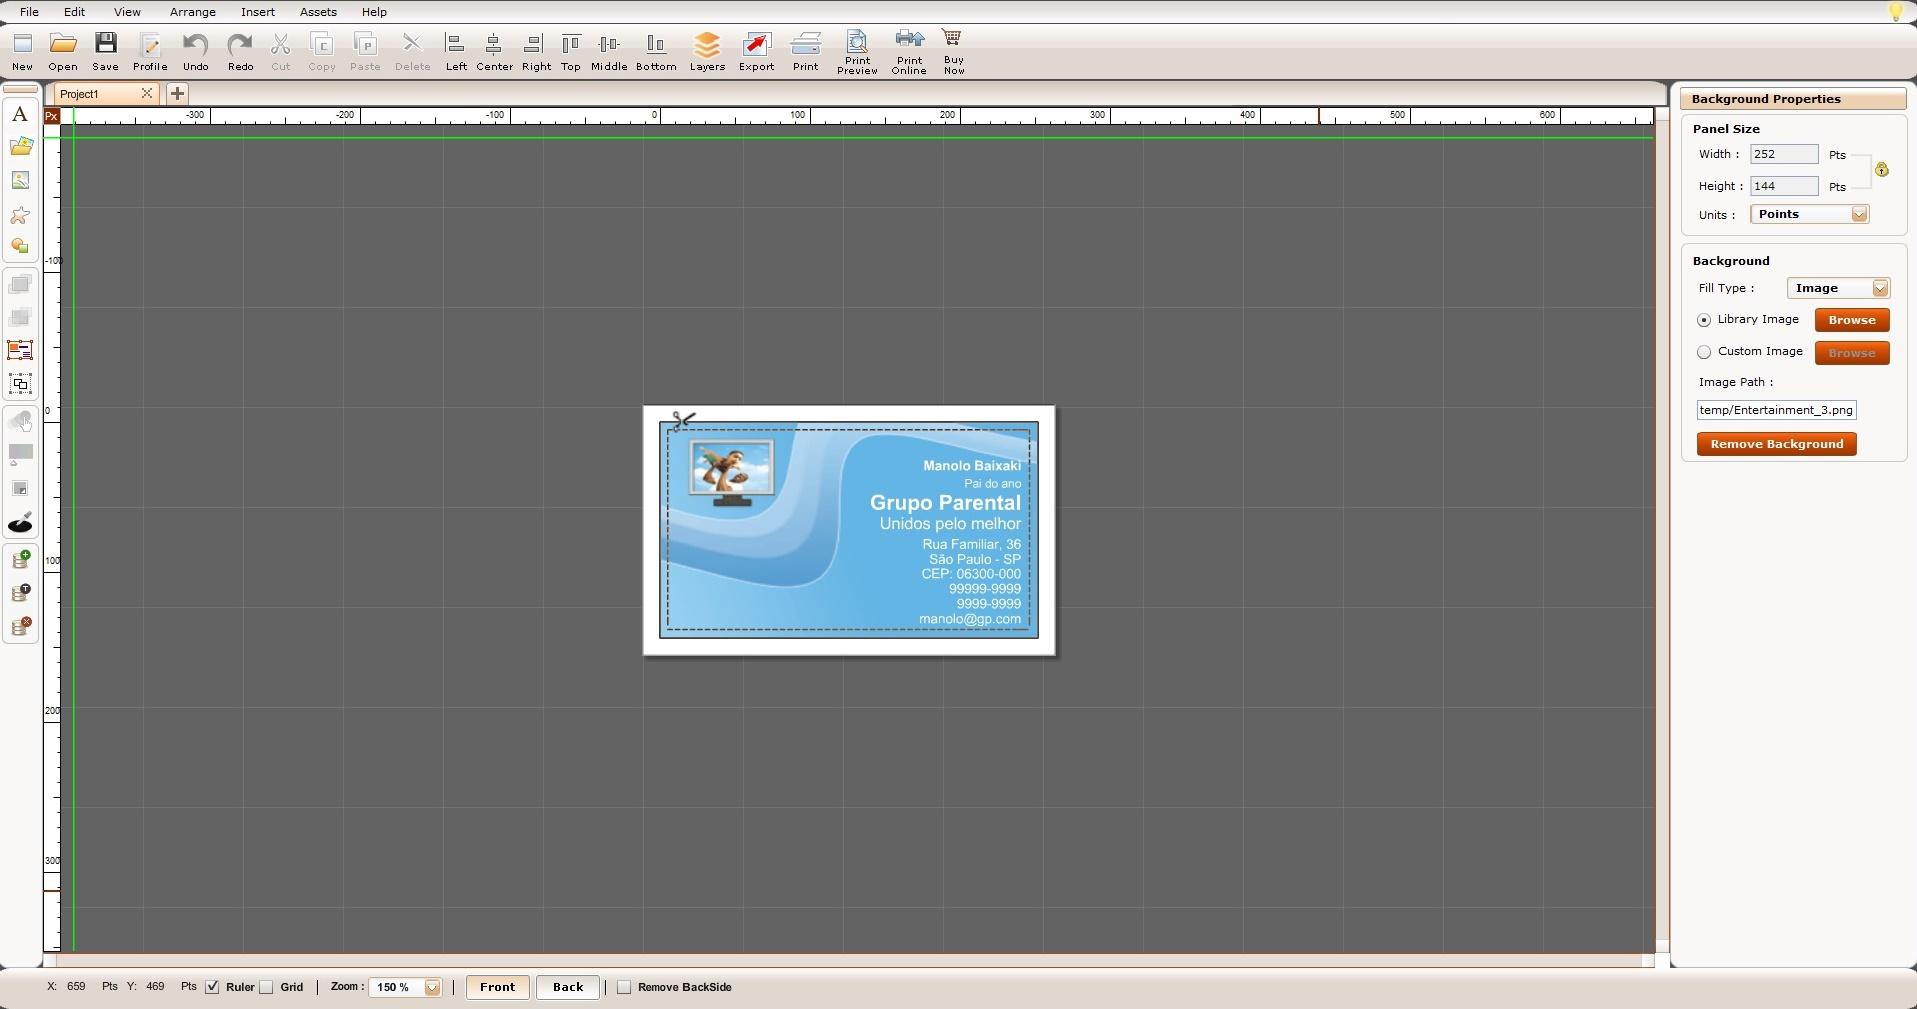 Business card designer 60 download imagem 3 do business card designer 60 ampliar reheart Images